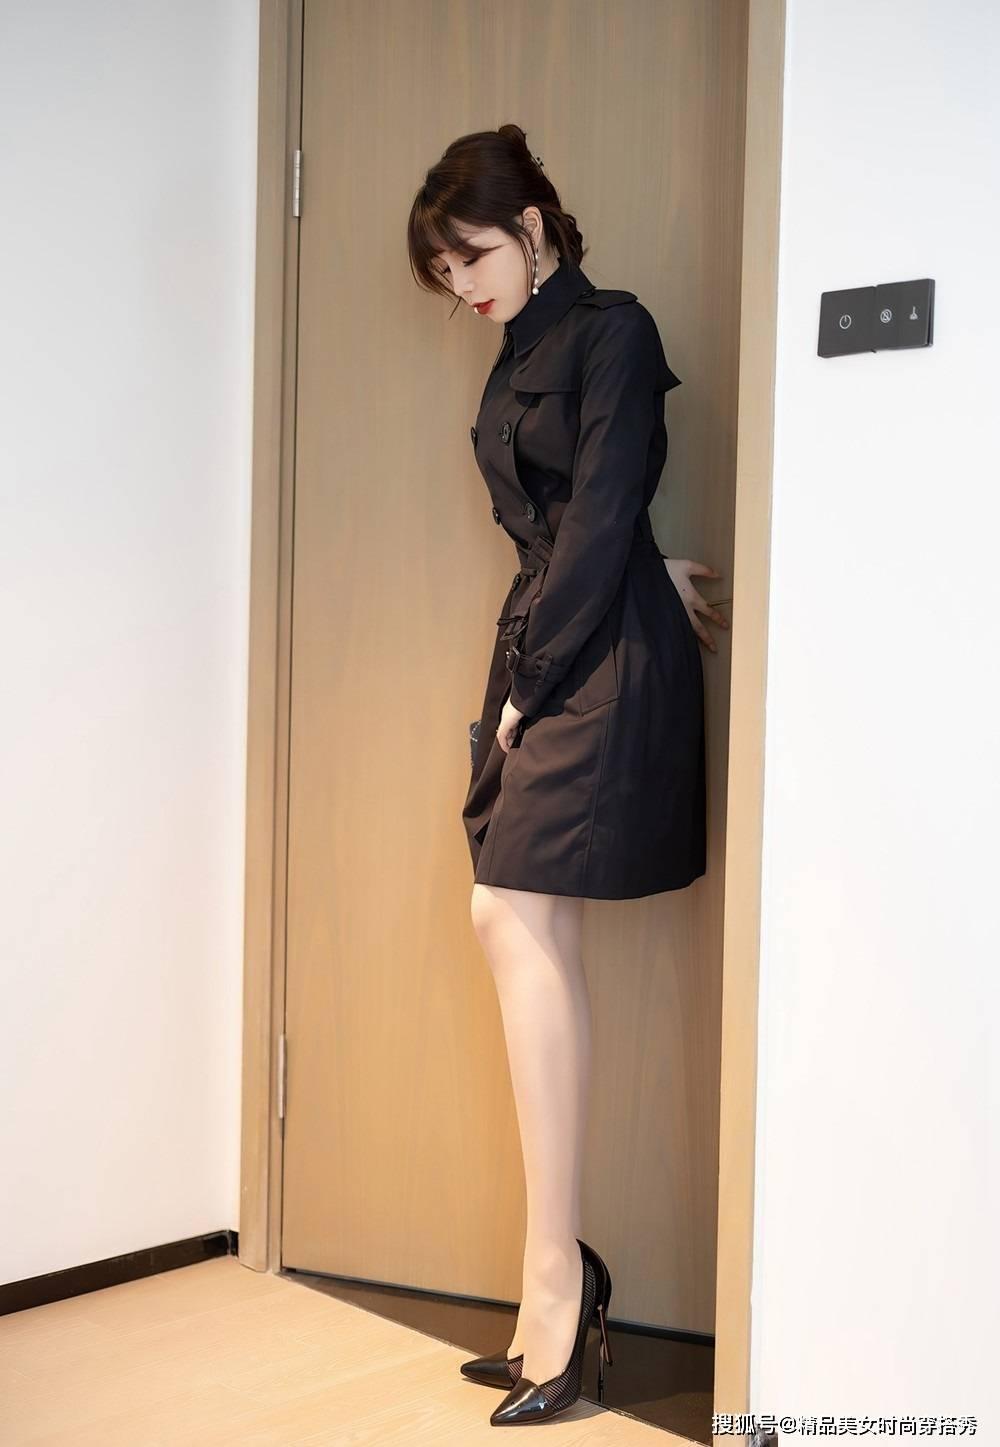 黑色风衣好看吗_黑色风衣怎么搭配好看